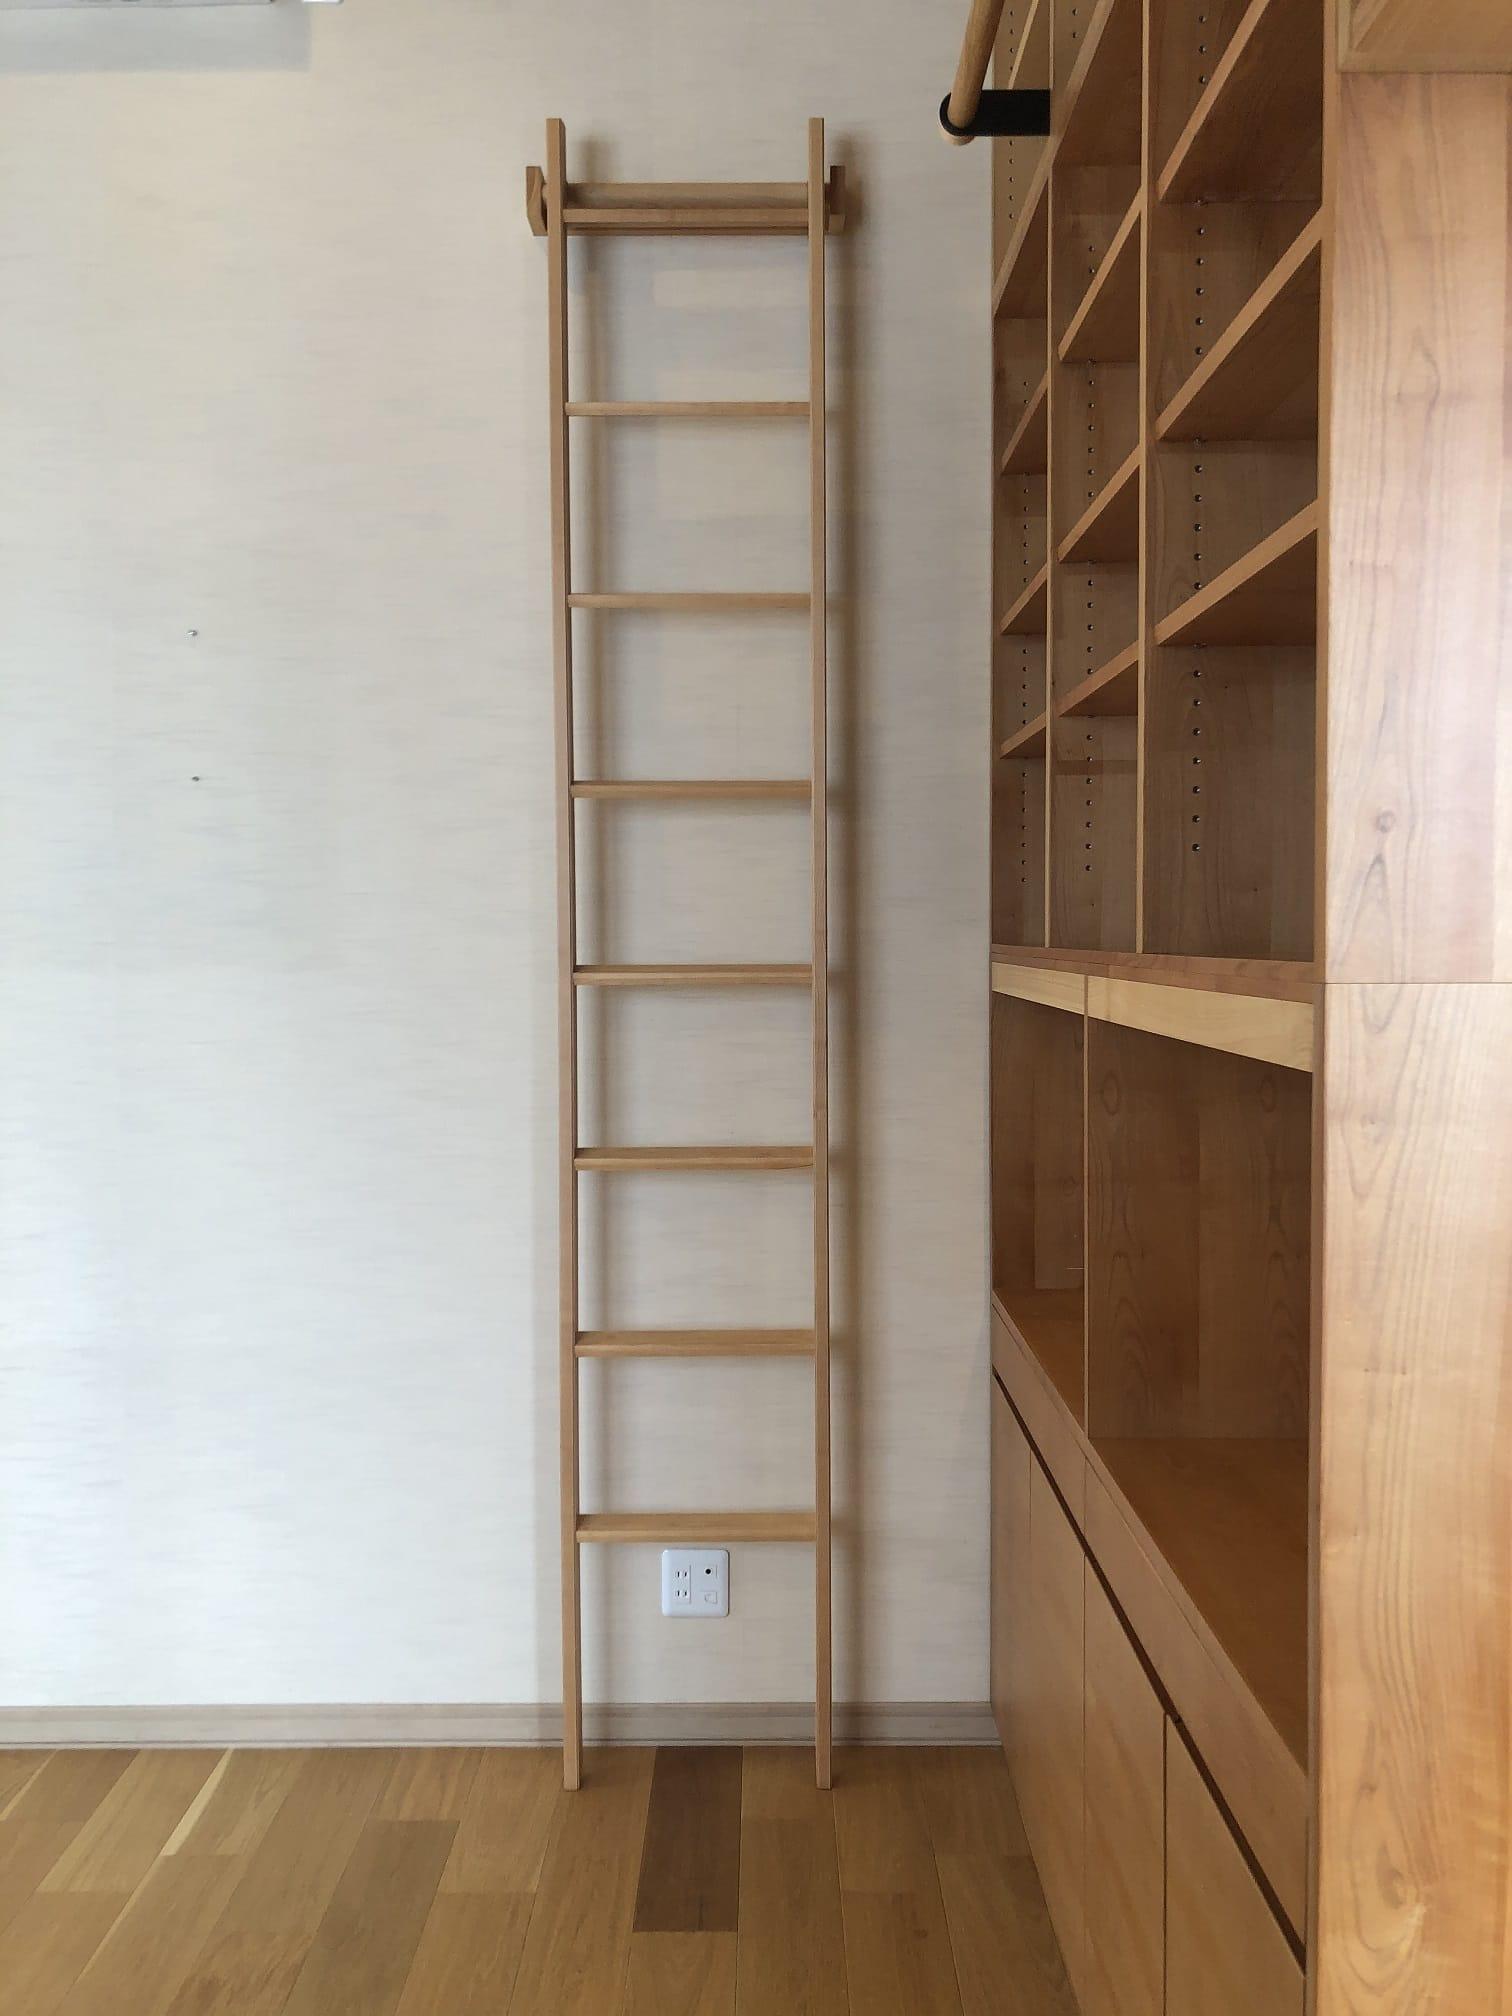 サクラ材のオーダー書棚のハシゴ